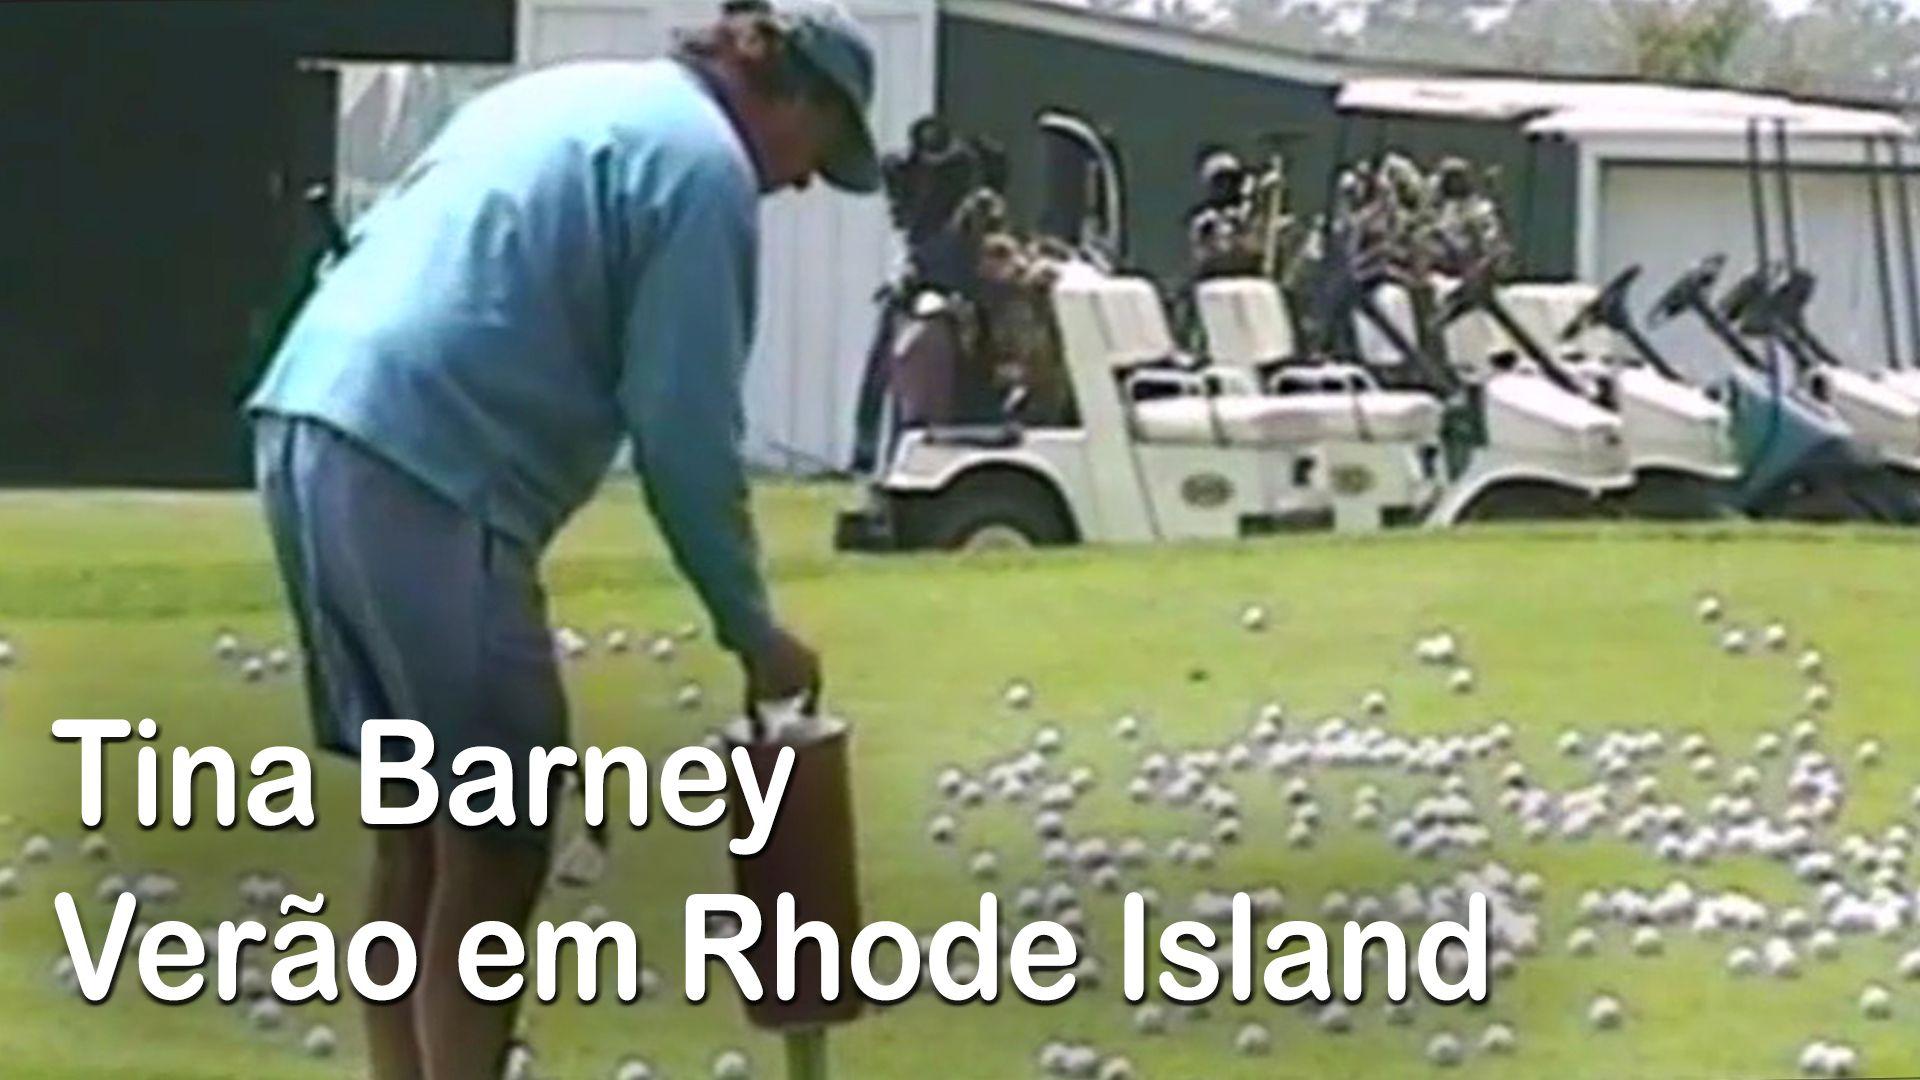 Tina Barney, Verão em Rhode Island